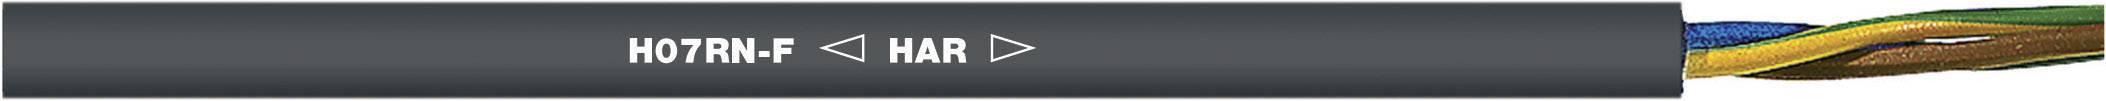 Připojovací kabel H07RN-F 3 G 4 mm² černá LappKabel 1600119 metrové zboží